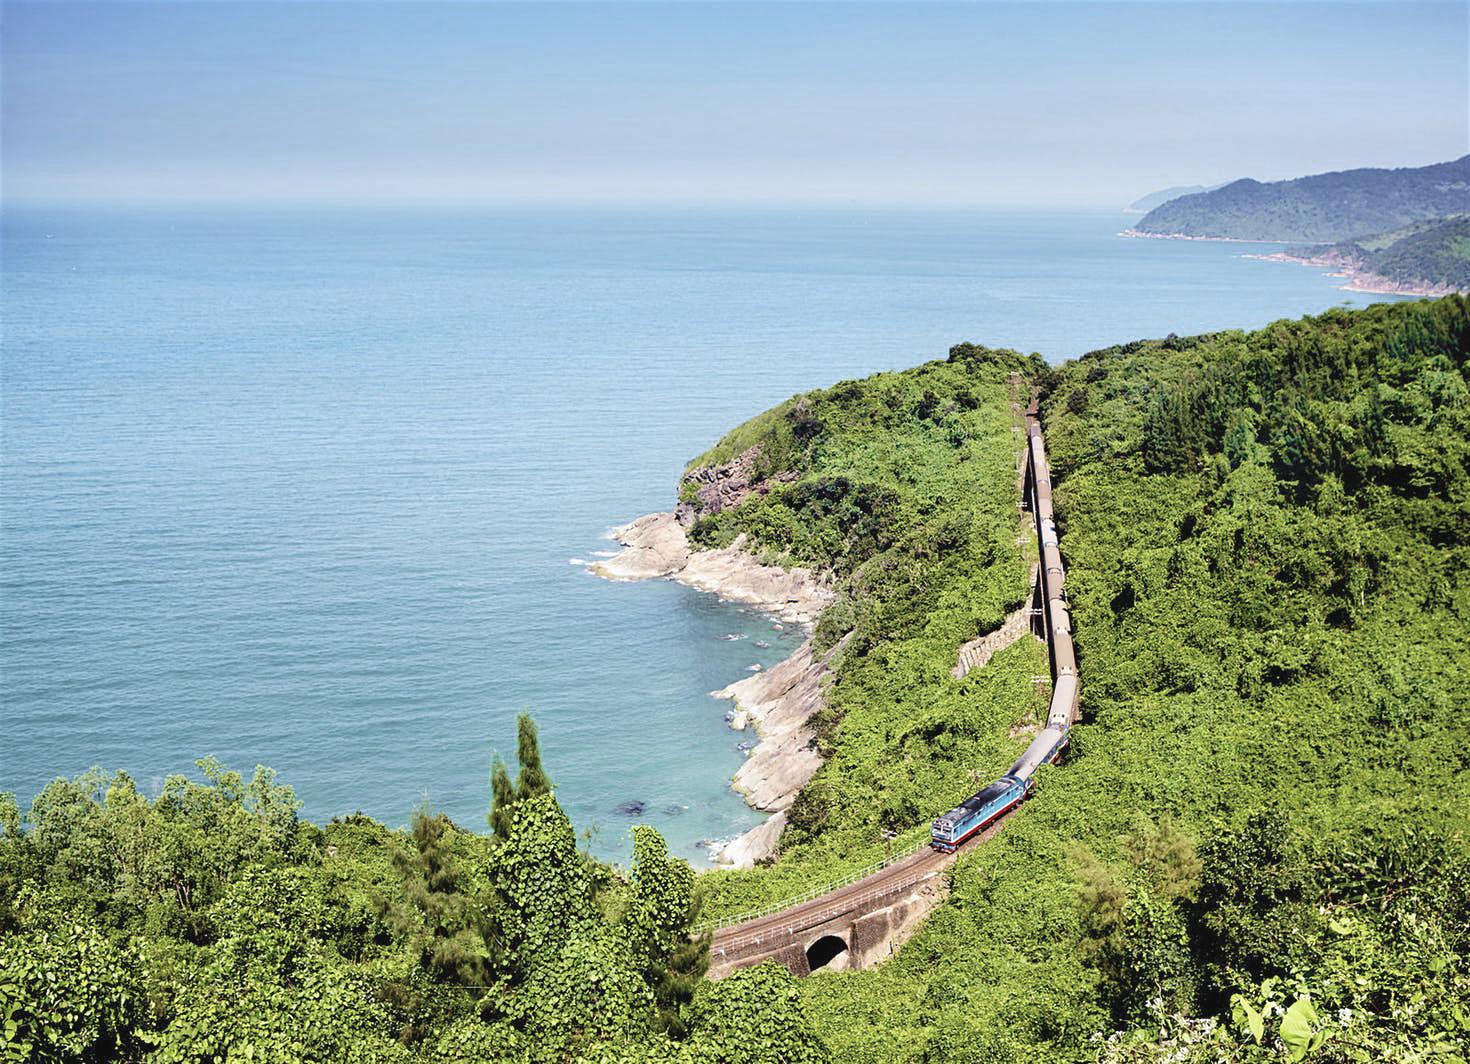 Названы 10 самых живописных ж/д-маршрутов в мире Самые живописные ж/д-маршруты в мире LPT1017 076 1 5ded6c68b744